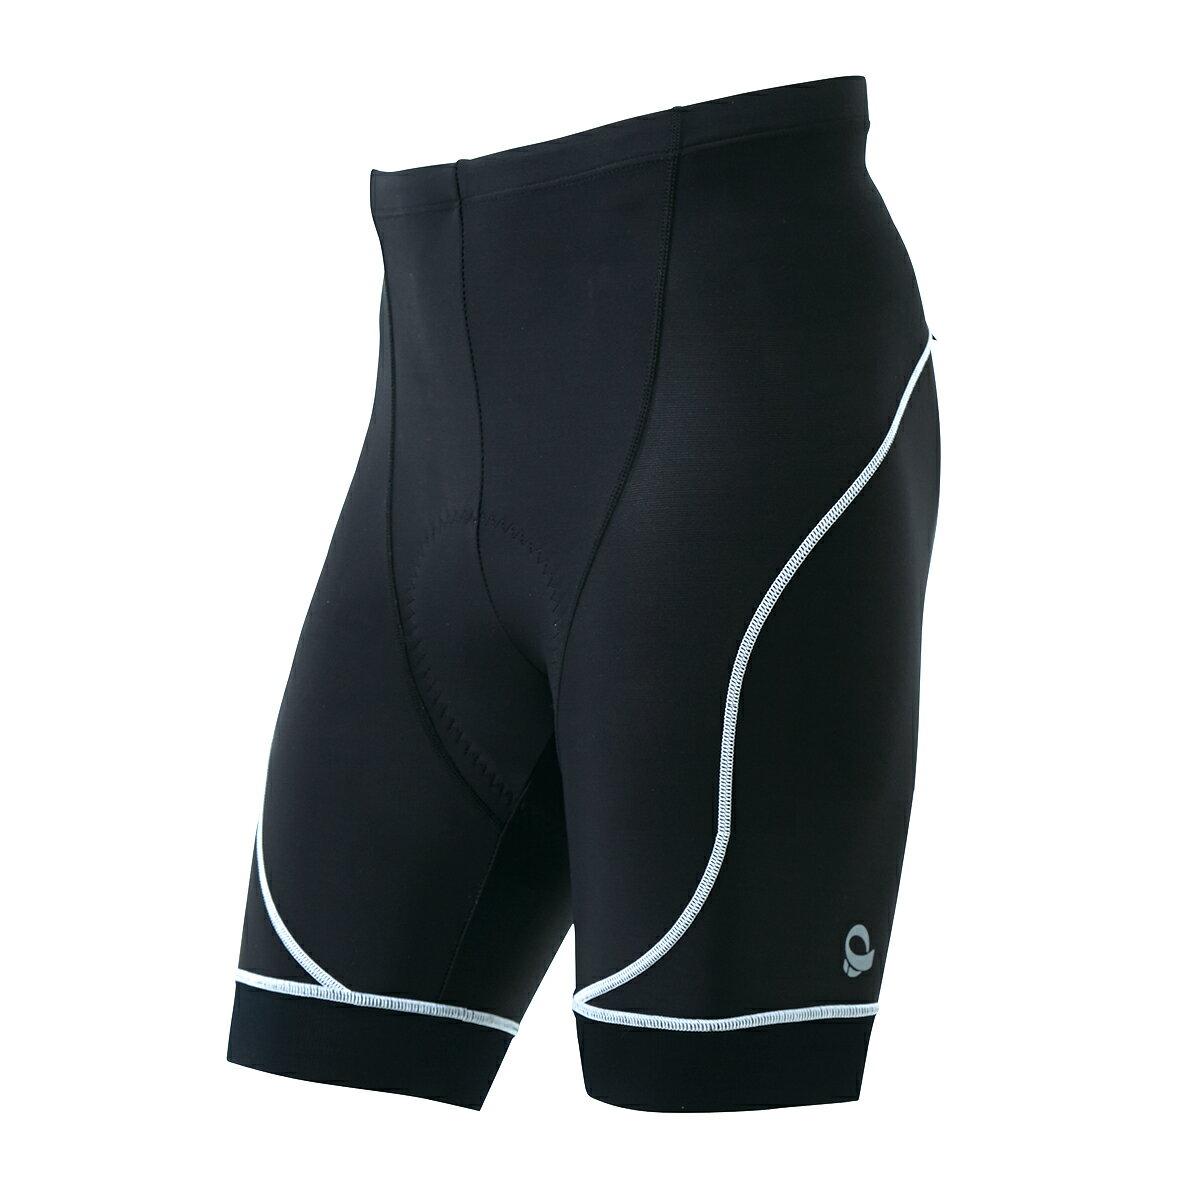 【7號公園自行車】日本 PEARL IZUMI 220-3D-6 男3D涼感抗UV短車褲(白邊)